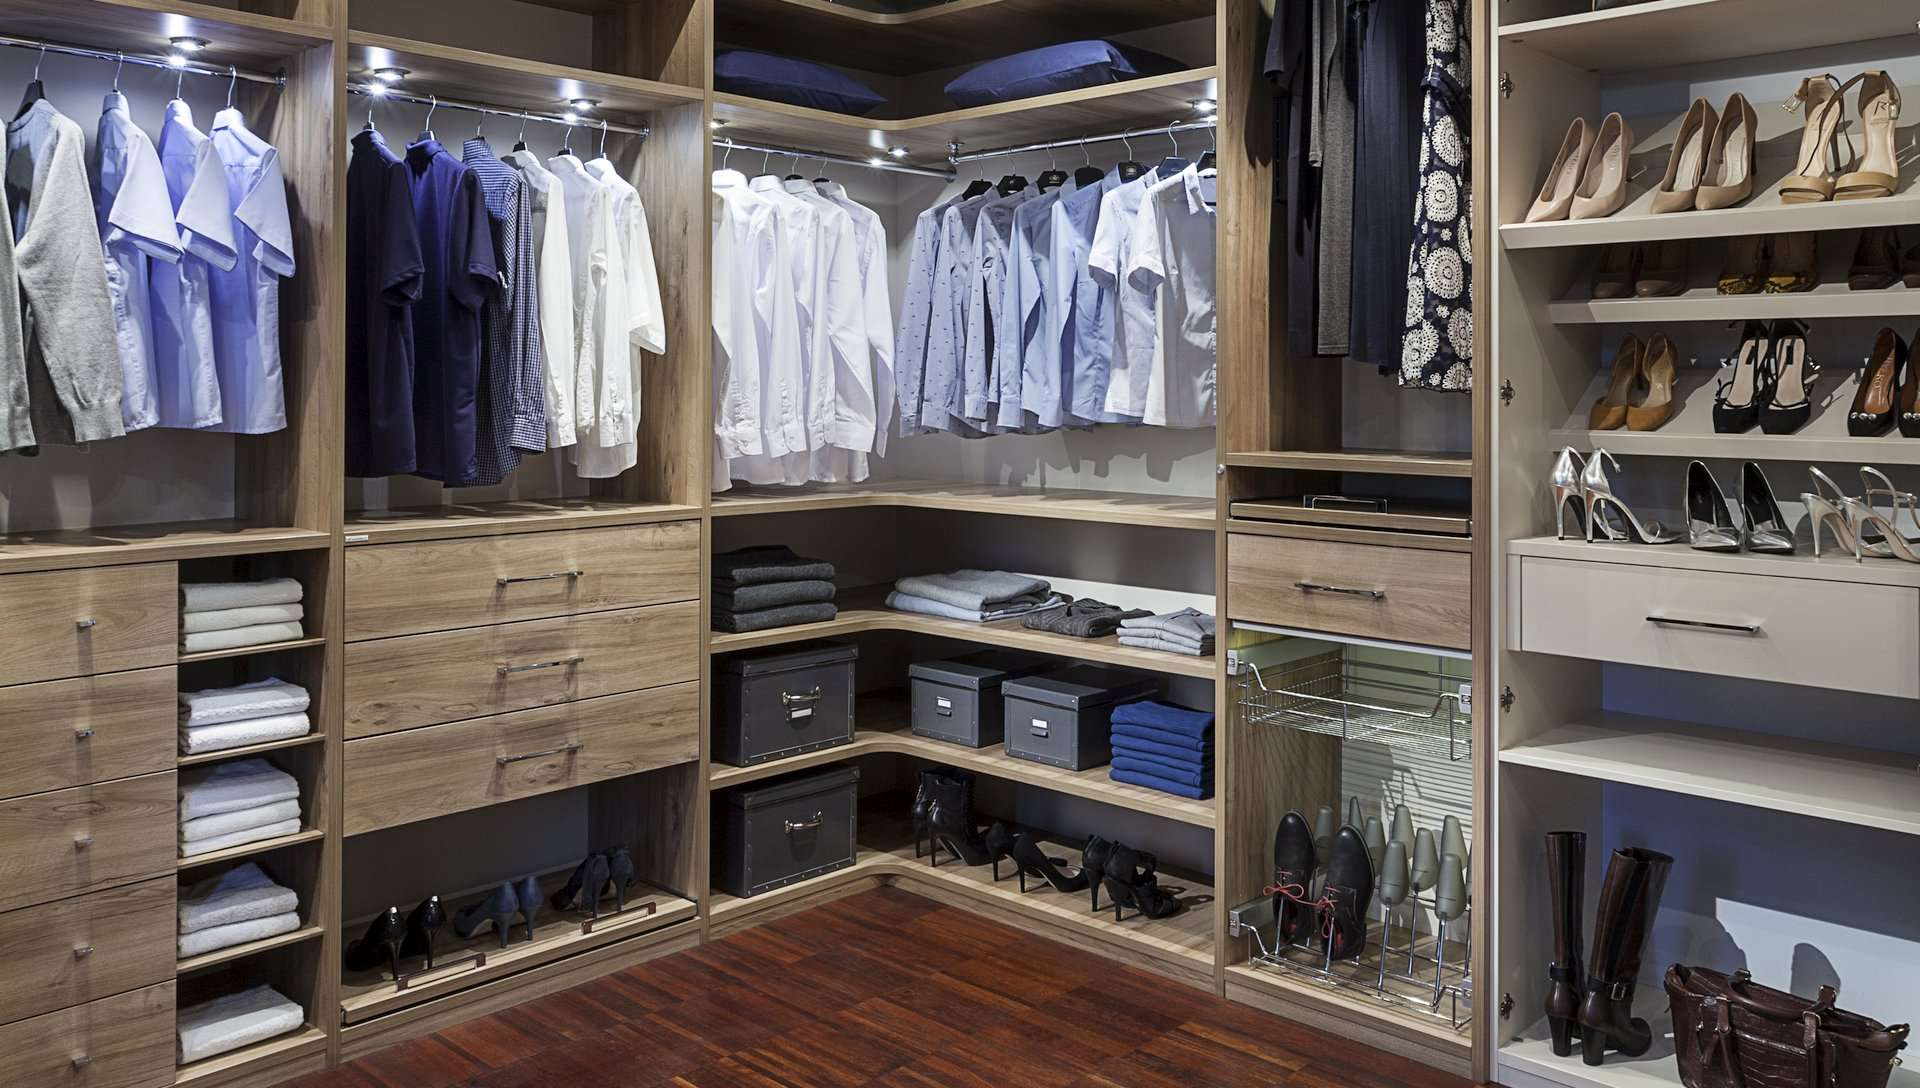 Gardróbszoba L alakú beépített szekrénnyel, világítással, cipőtárolóval, fiókokkal és polcokkal